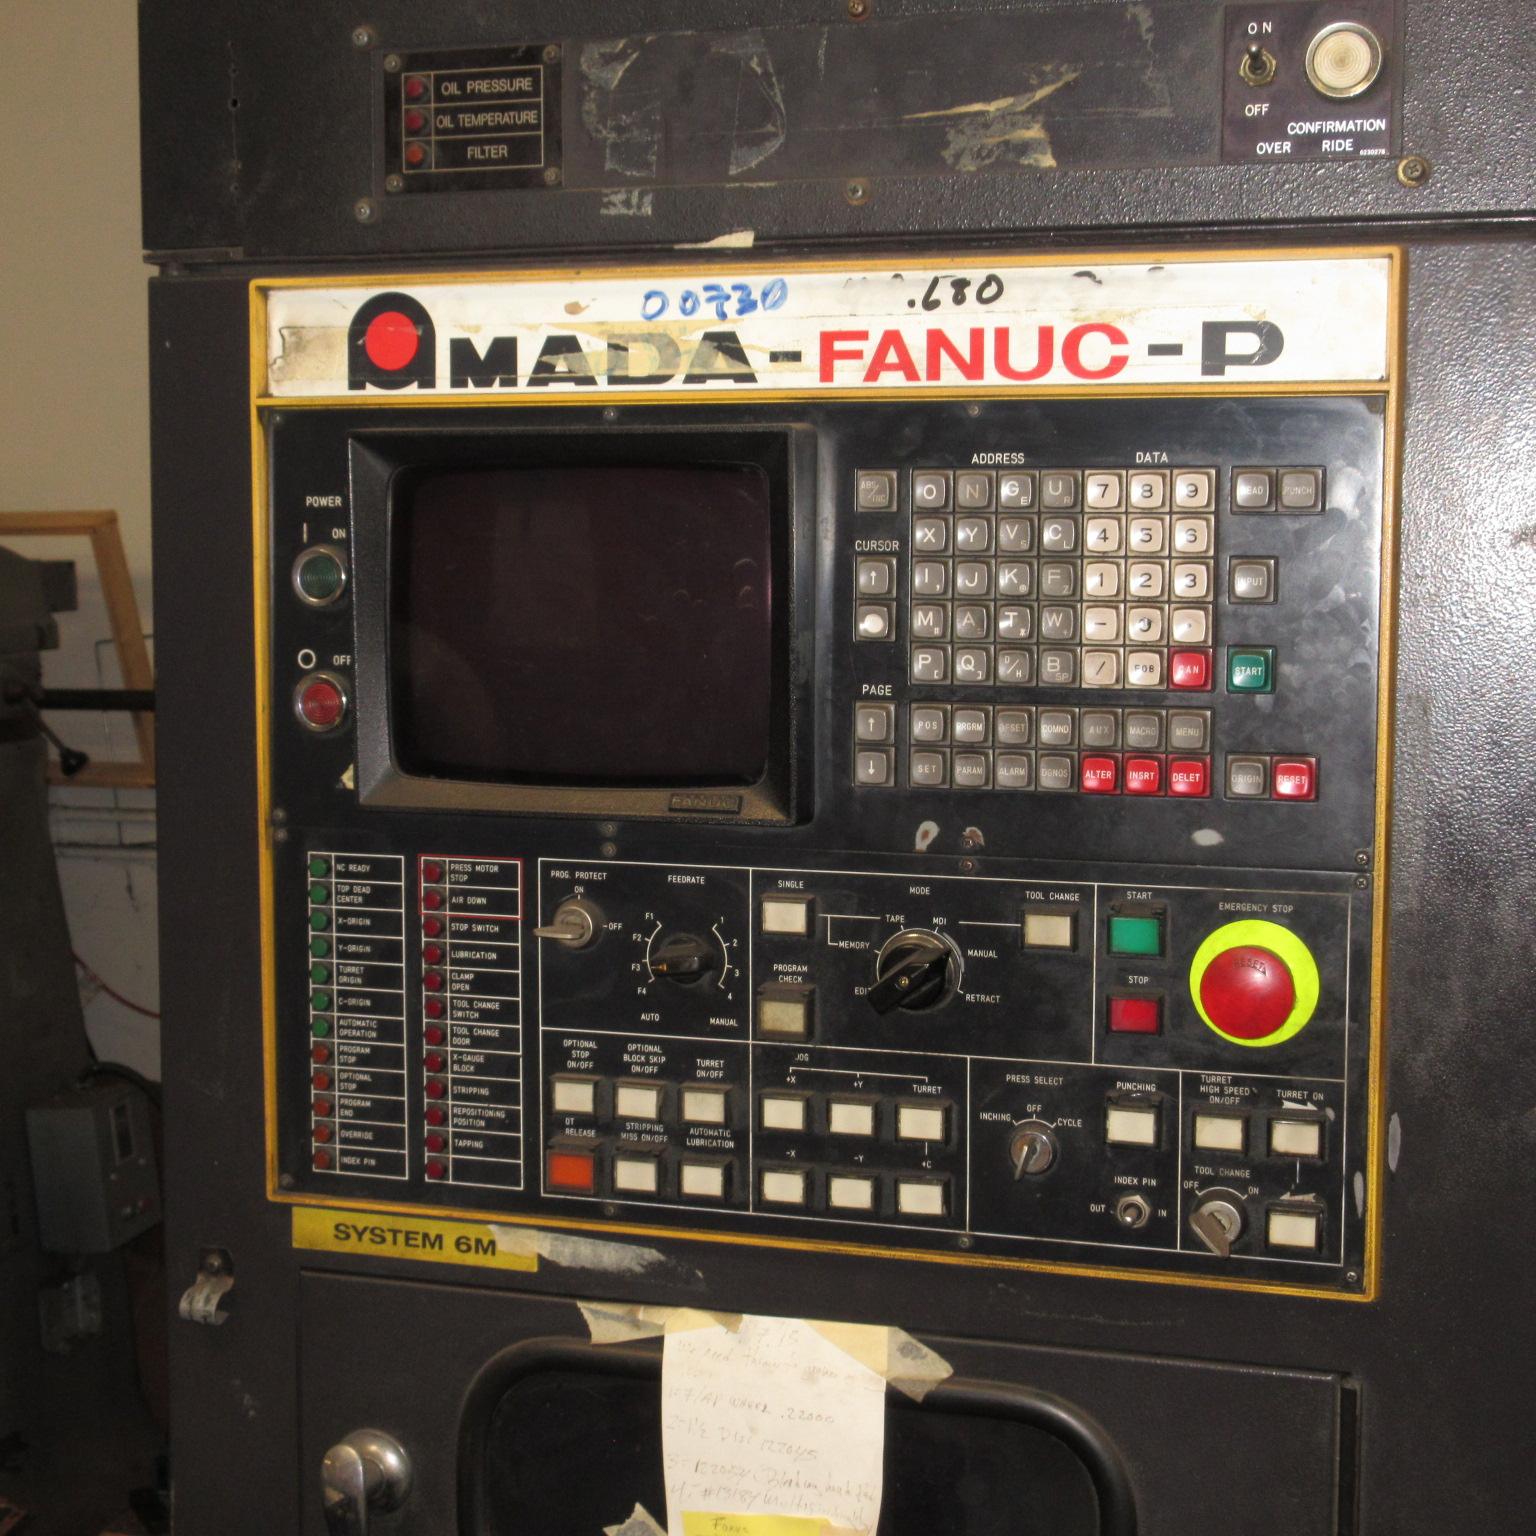 Amada 244 CNC Turret Press - Fabricating Machinery Inc